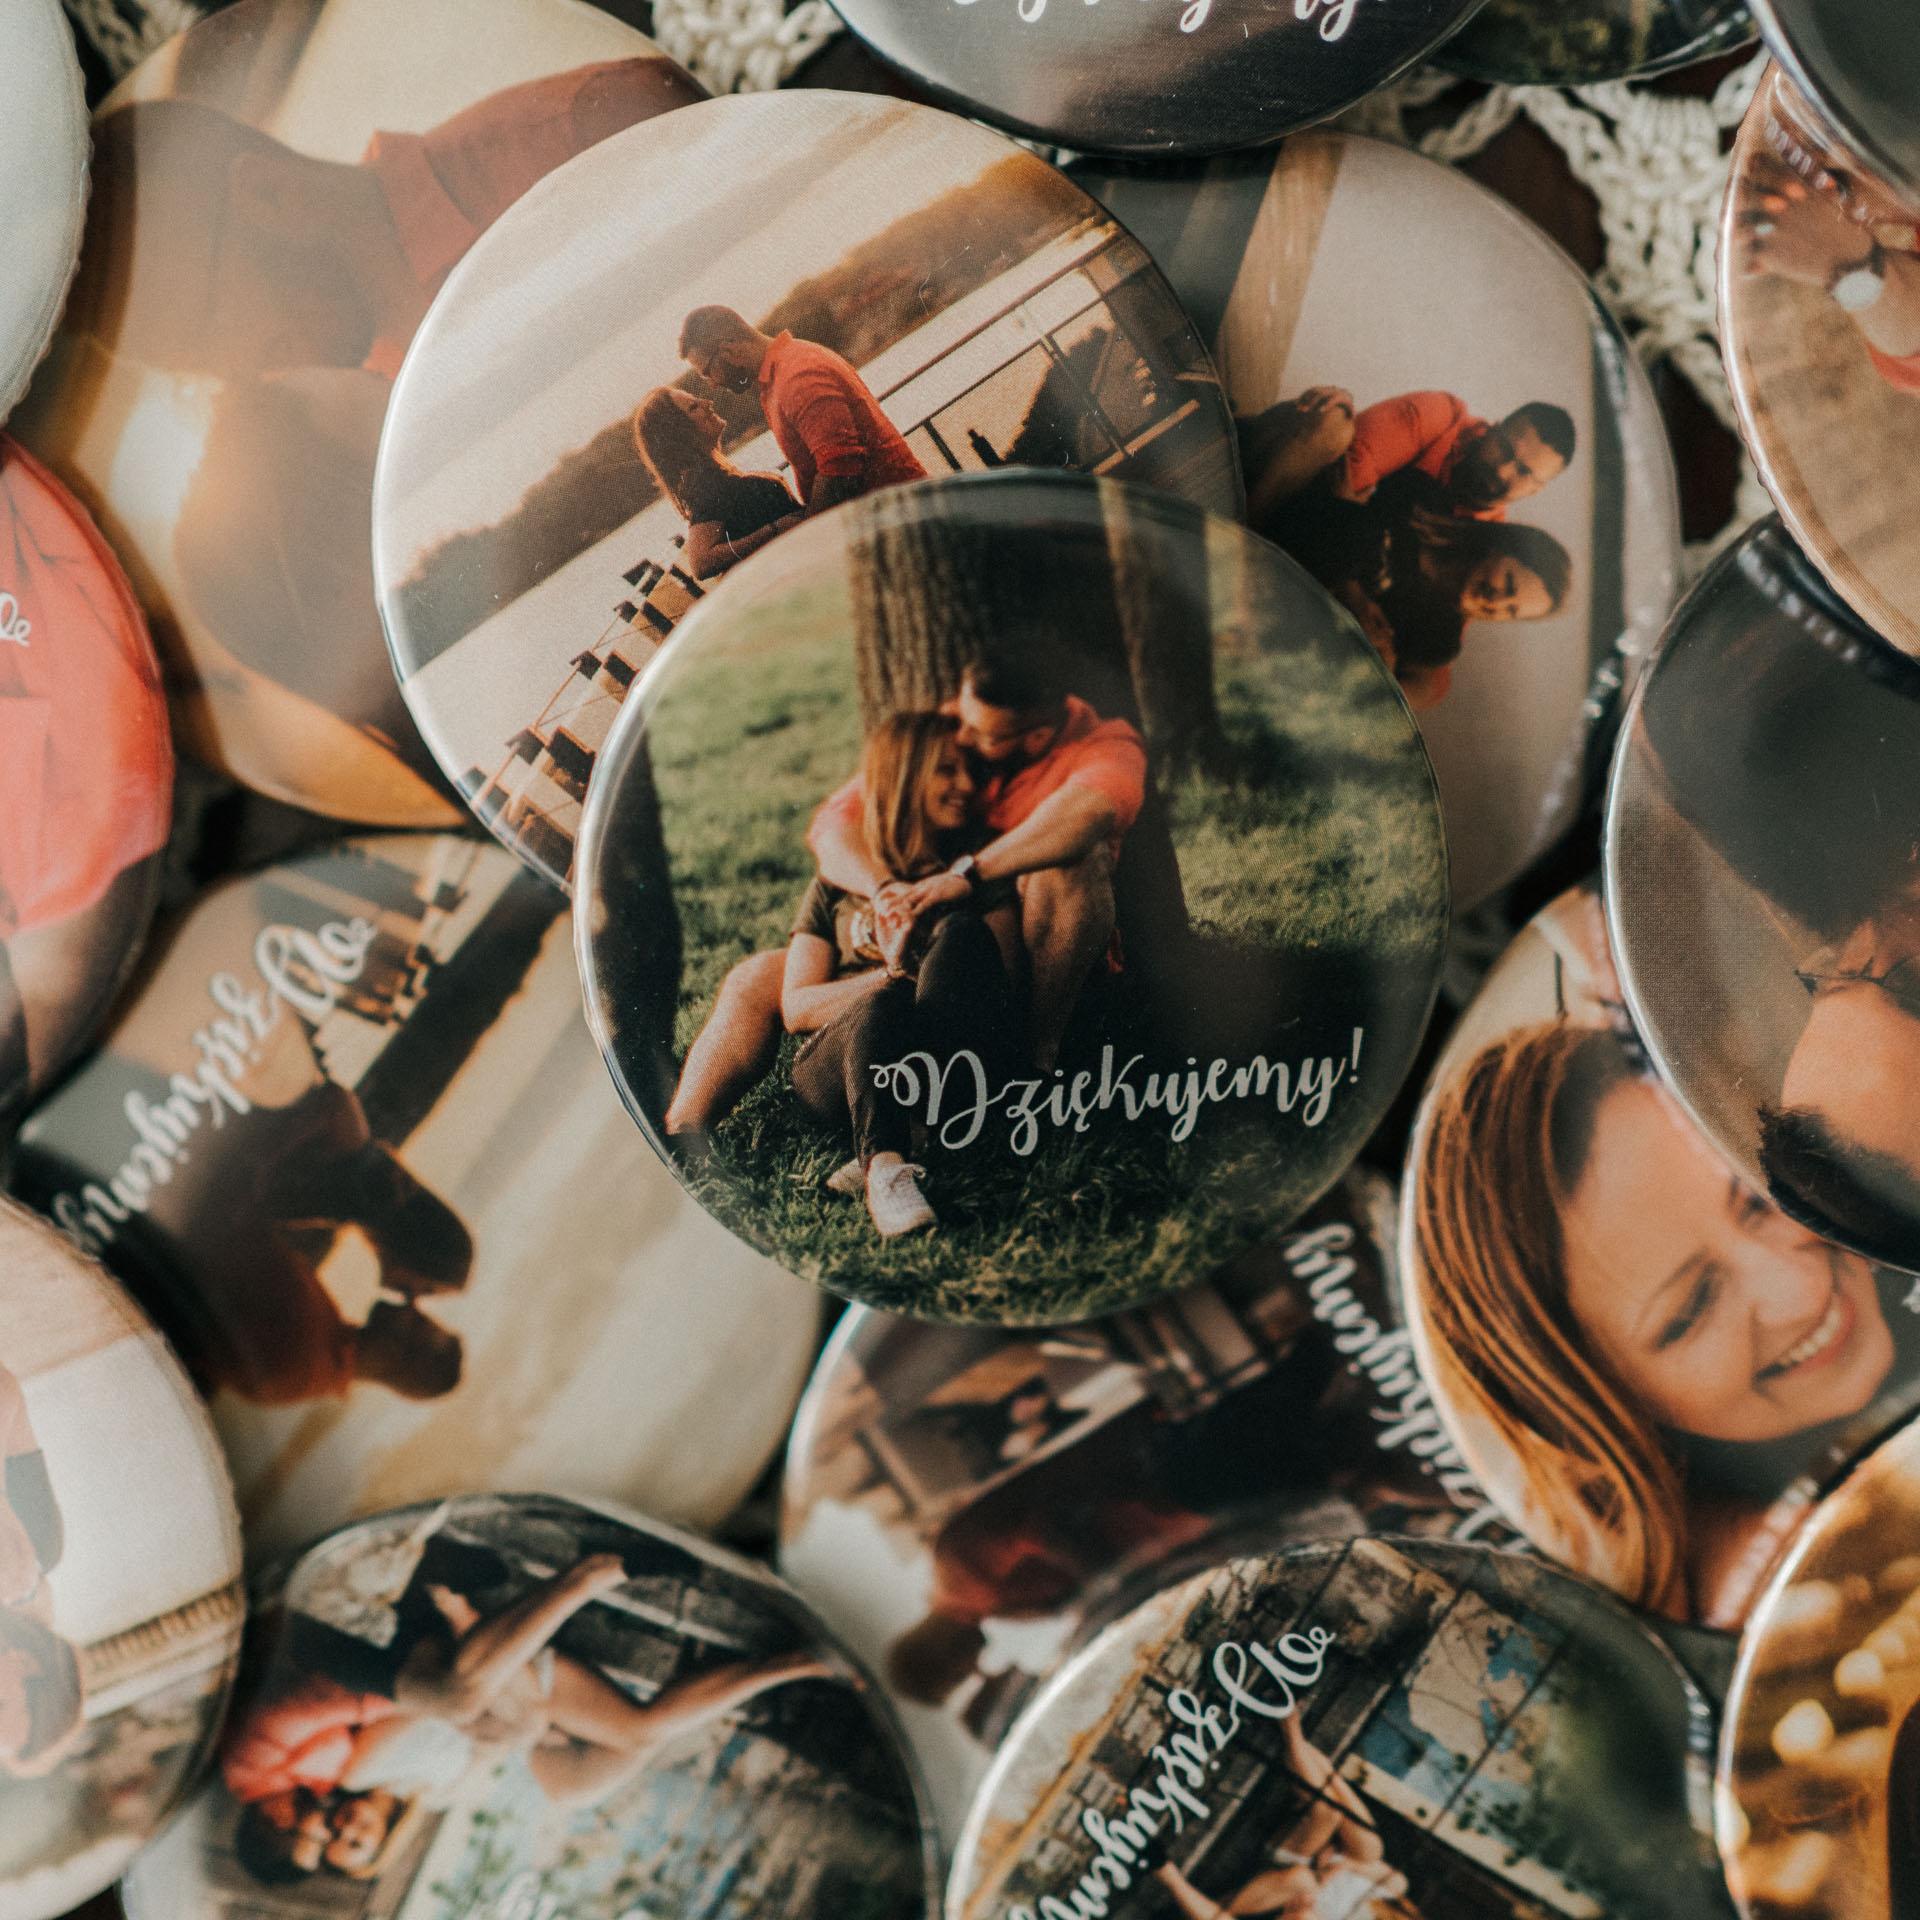 prezenty dla gości weselnych magnesy ze zdjęciami